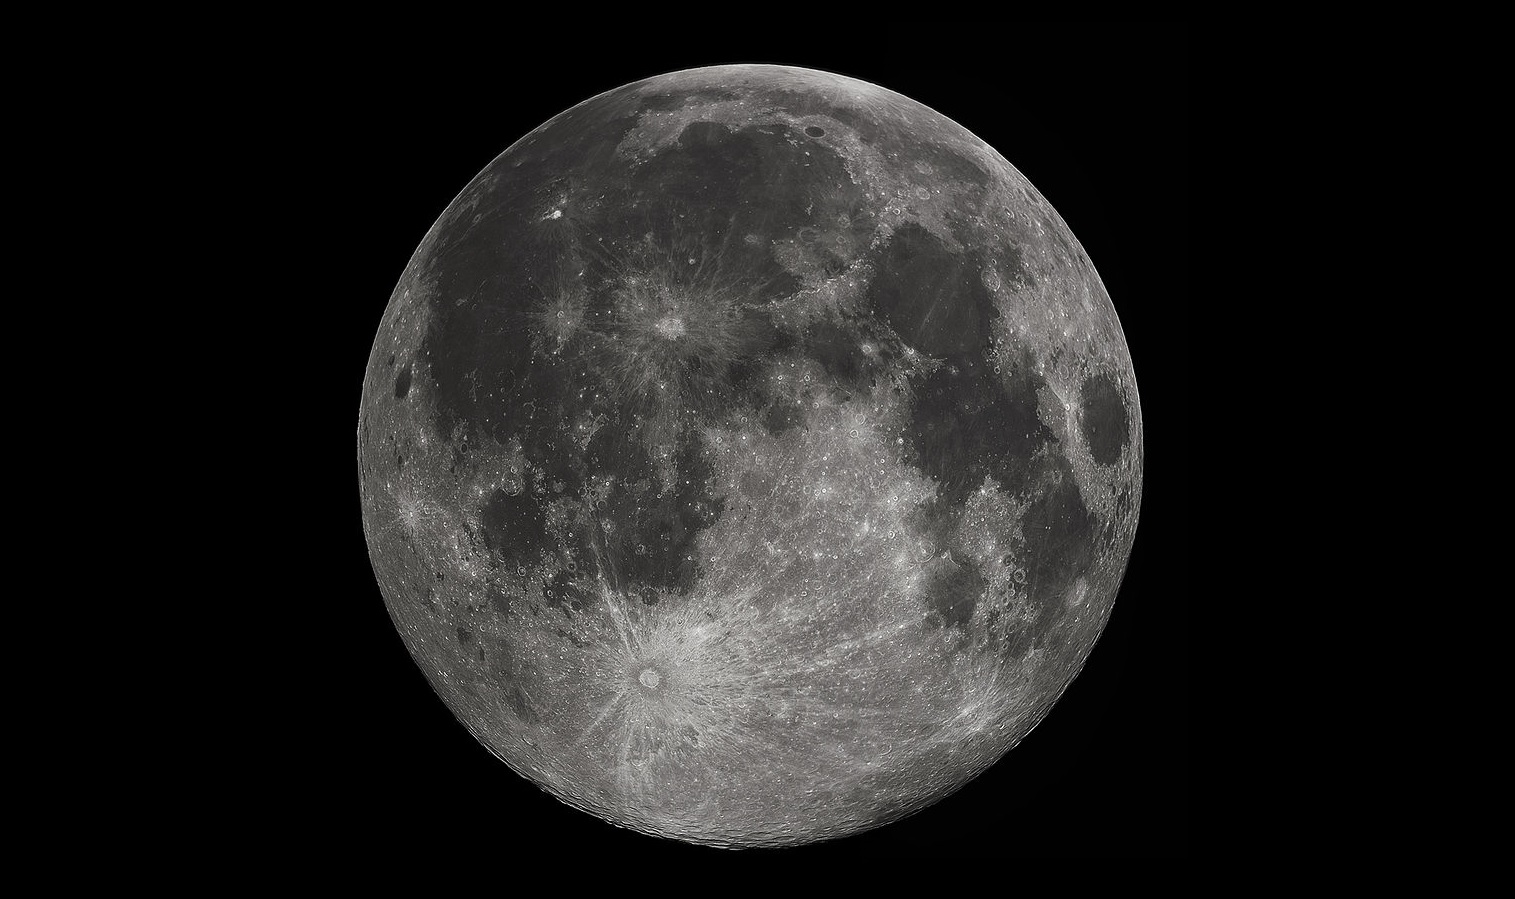 ¿Por qué no hemos vuelto a la Luna?